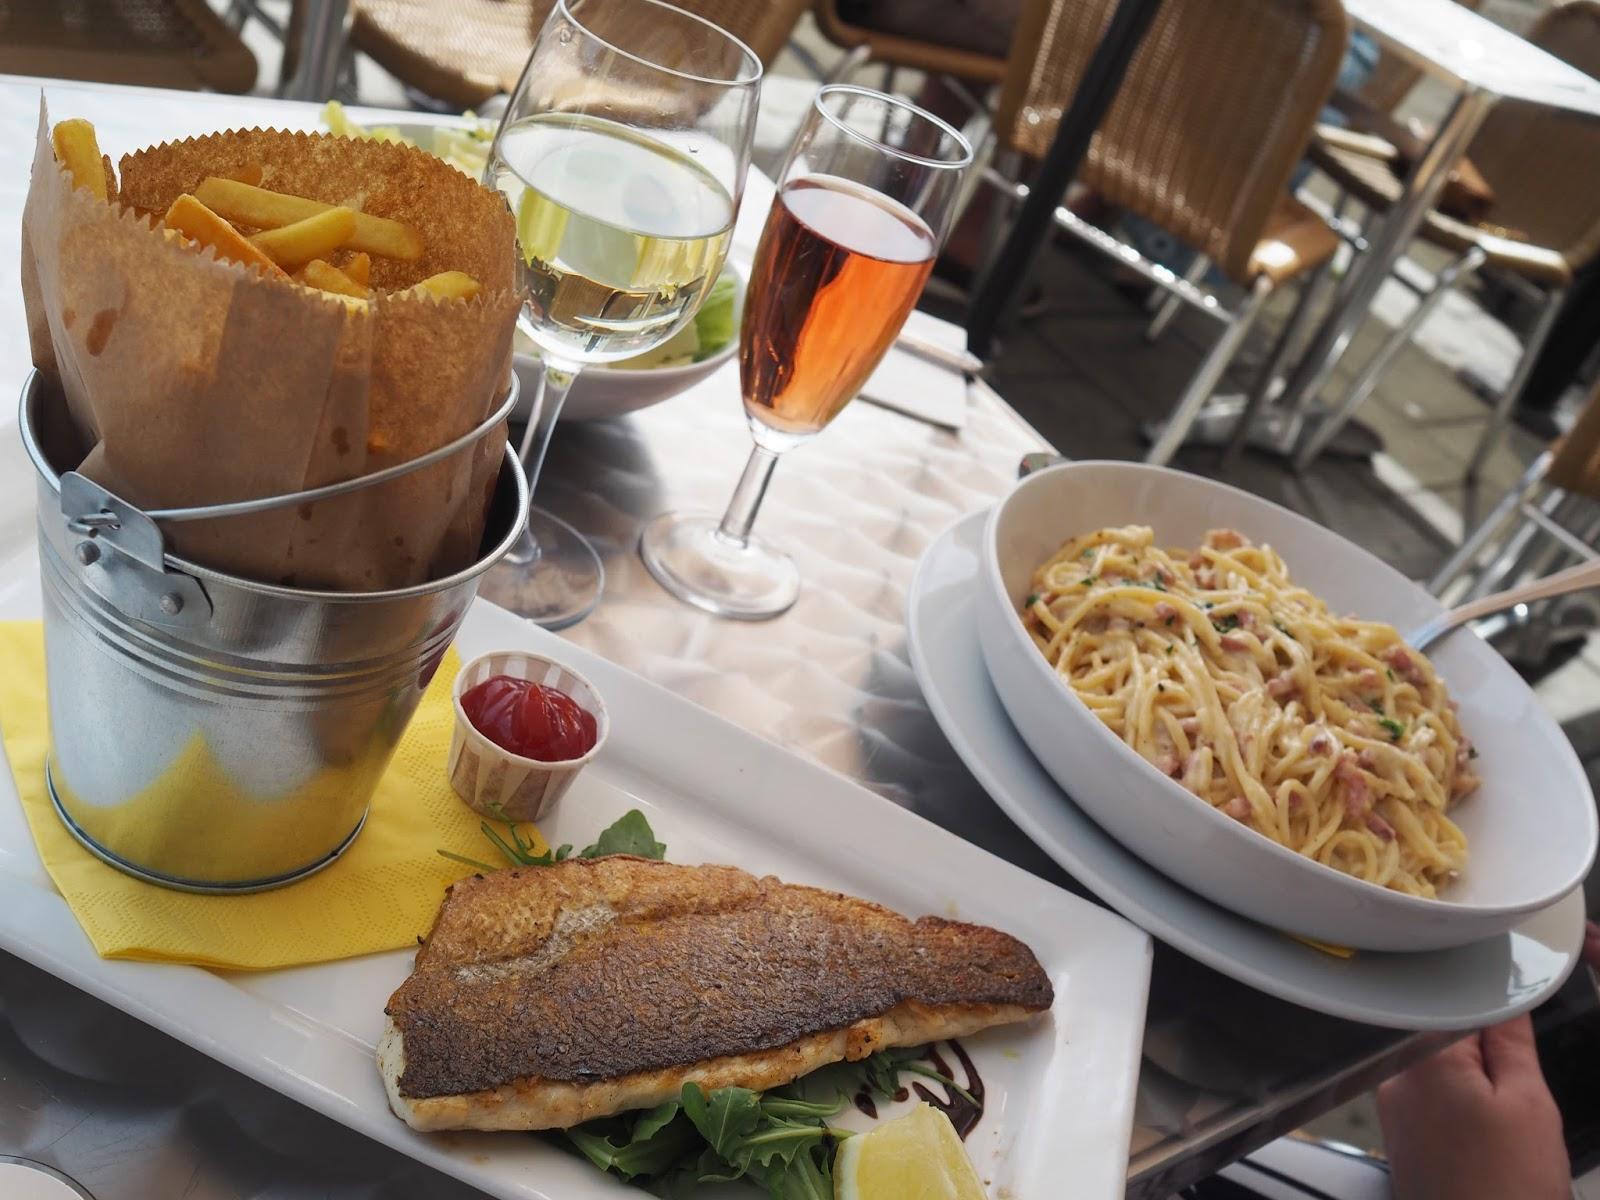 Seafood at Taste, brighton